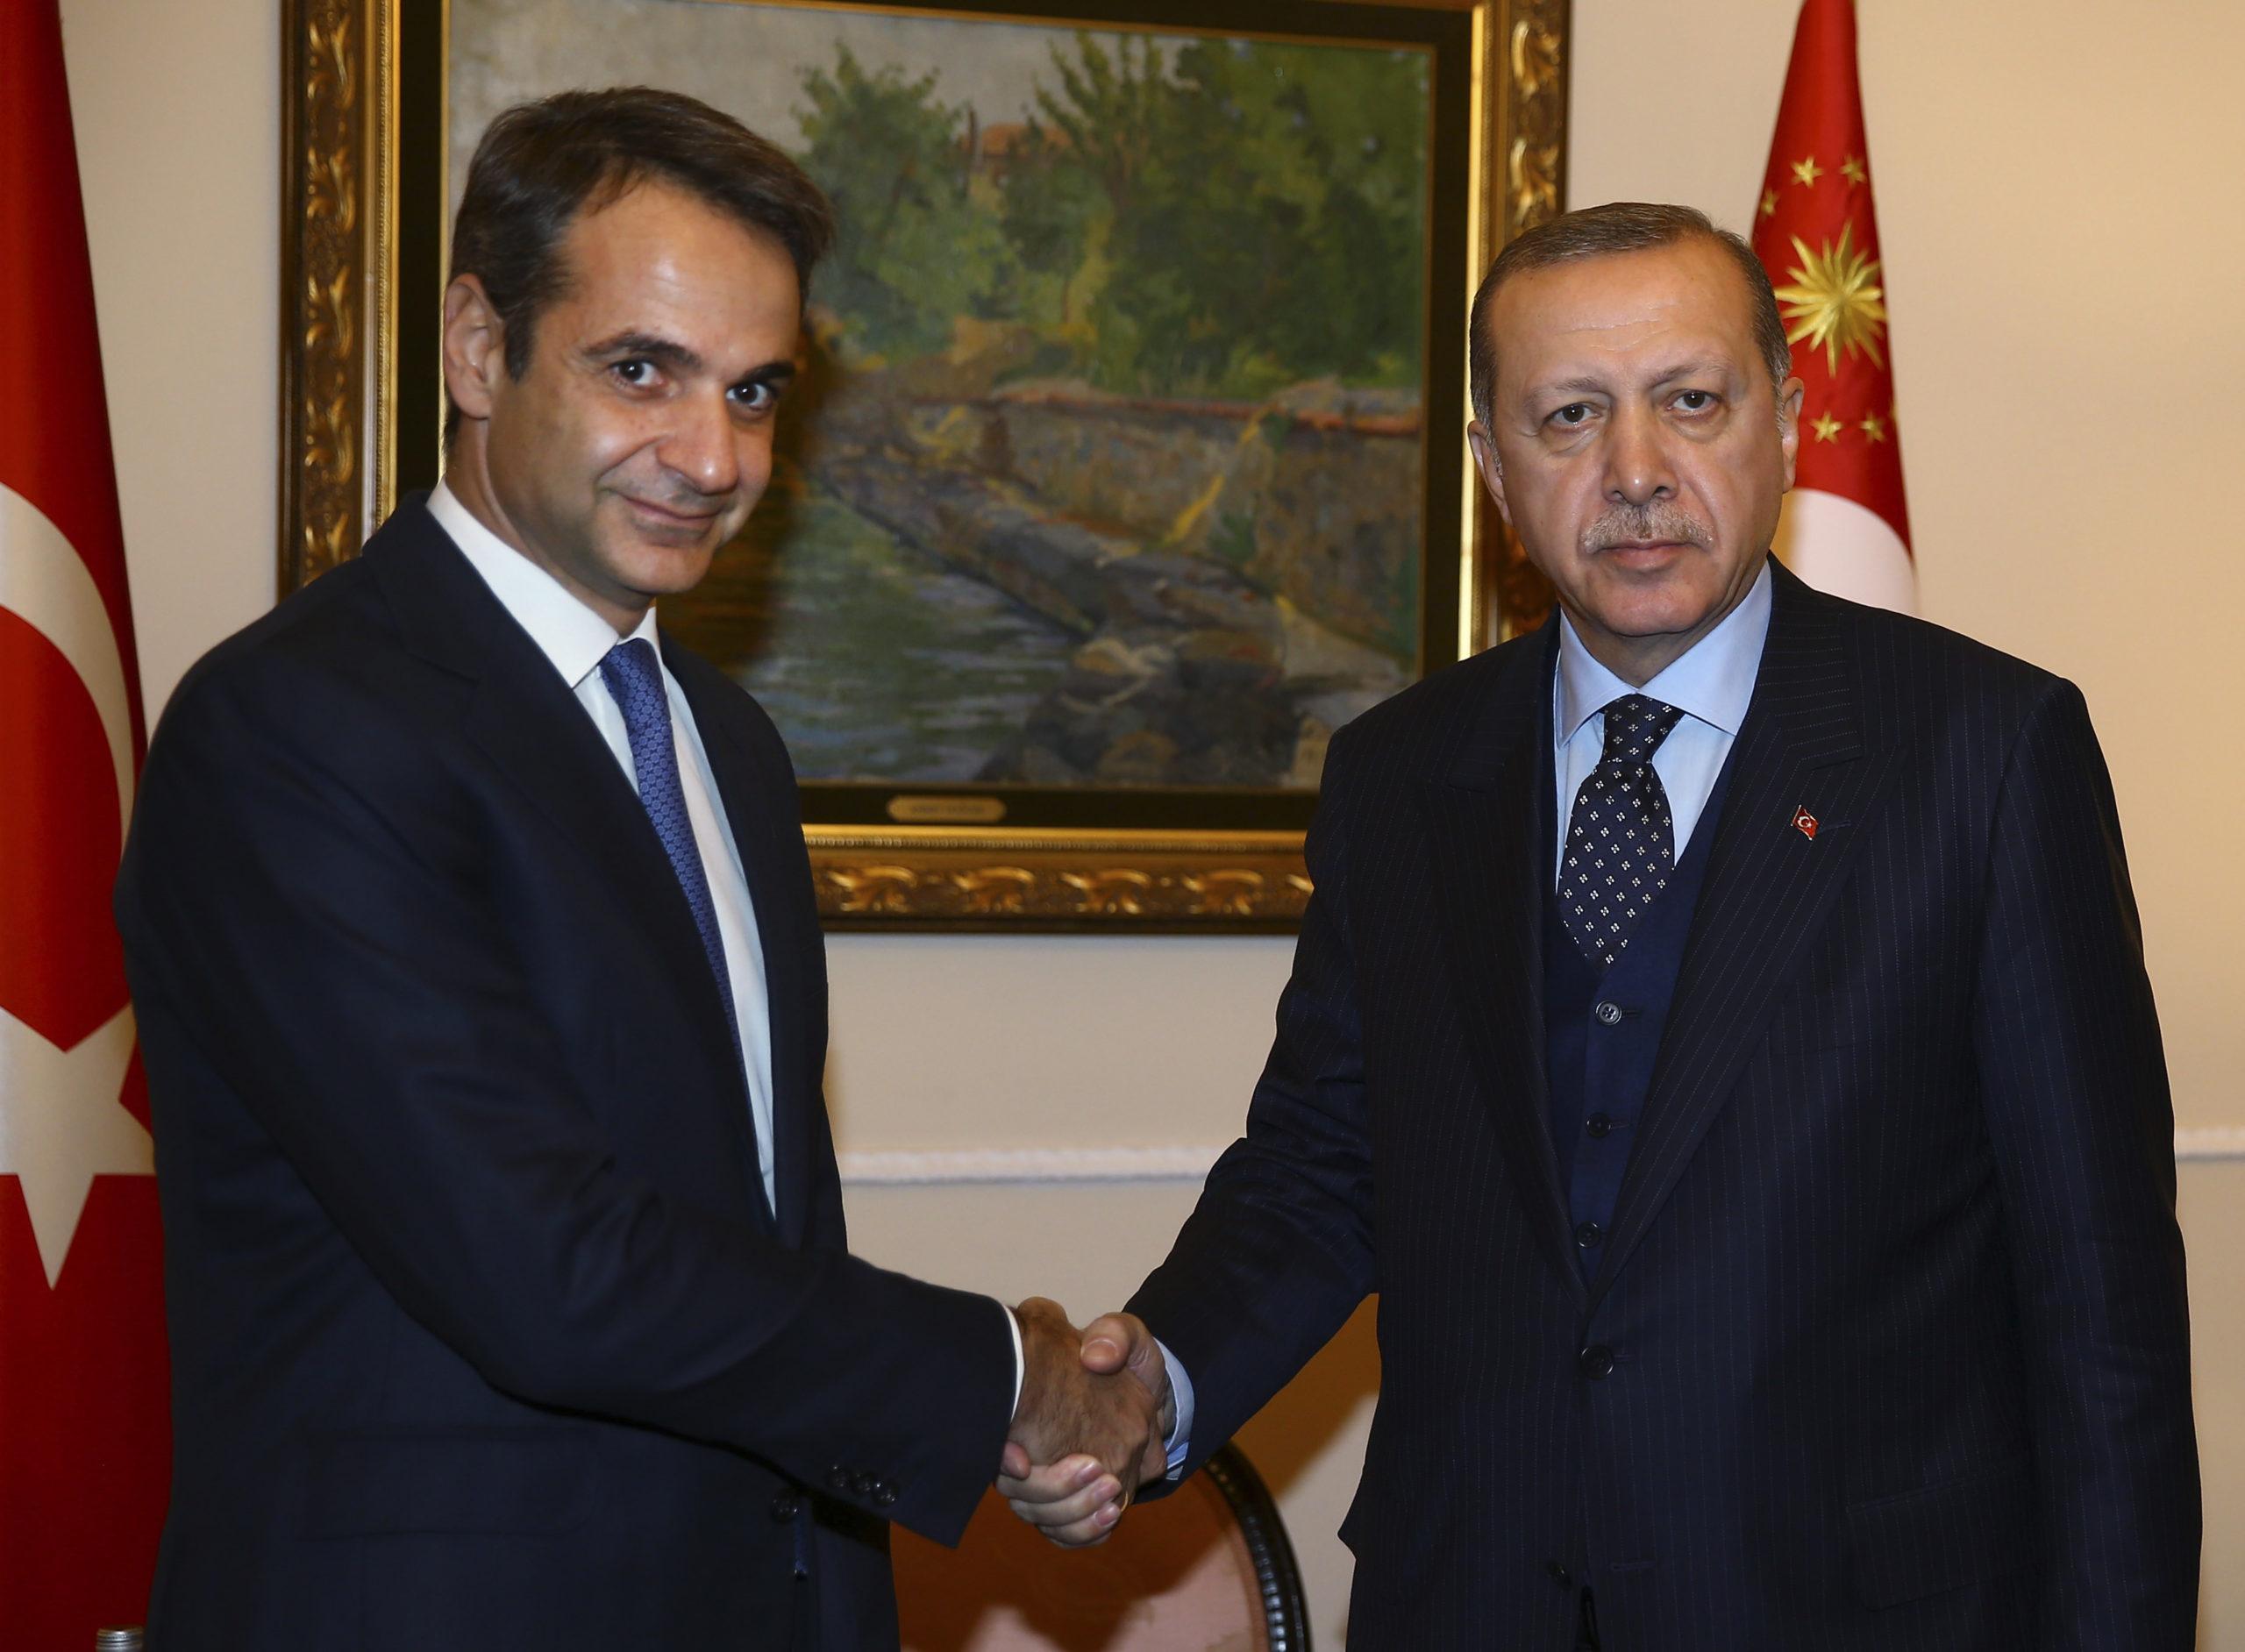 Βήμα για την βελτίωση των ελληνοτουρκικών σχέσεων η συνάντηση Μητσοτάκη Ερντογάν για την ελληνική κυβέρνηση